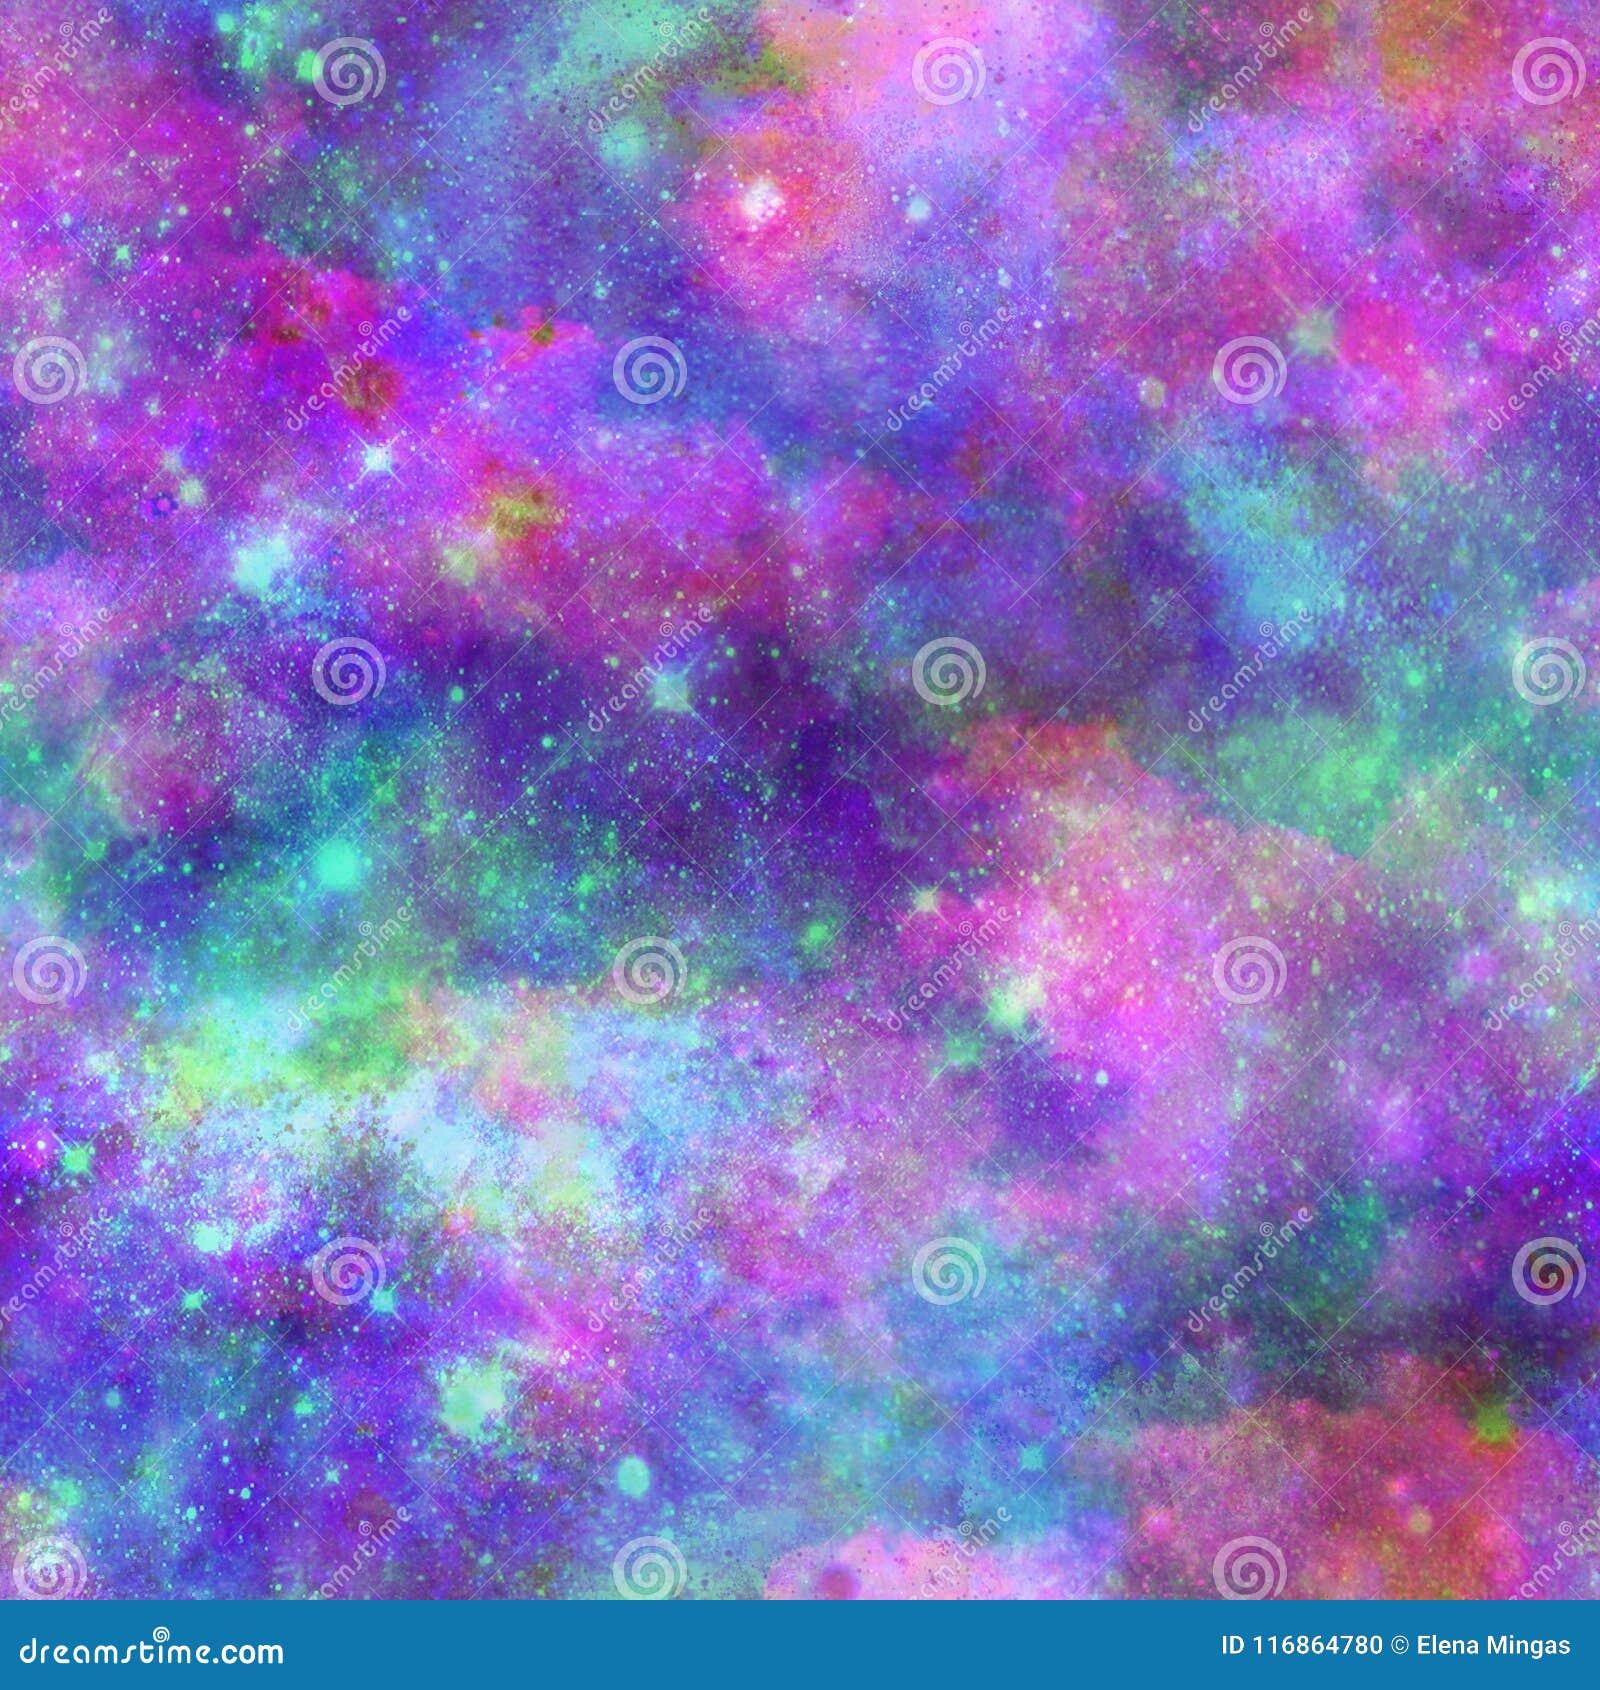 Stampa Delluniverso Della Galassia Di Esplosione Di Colore